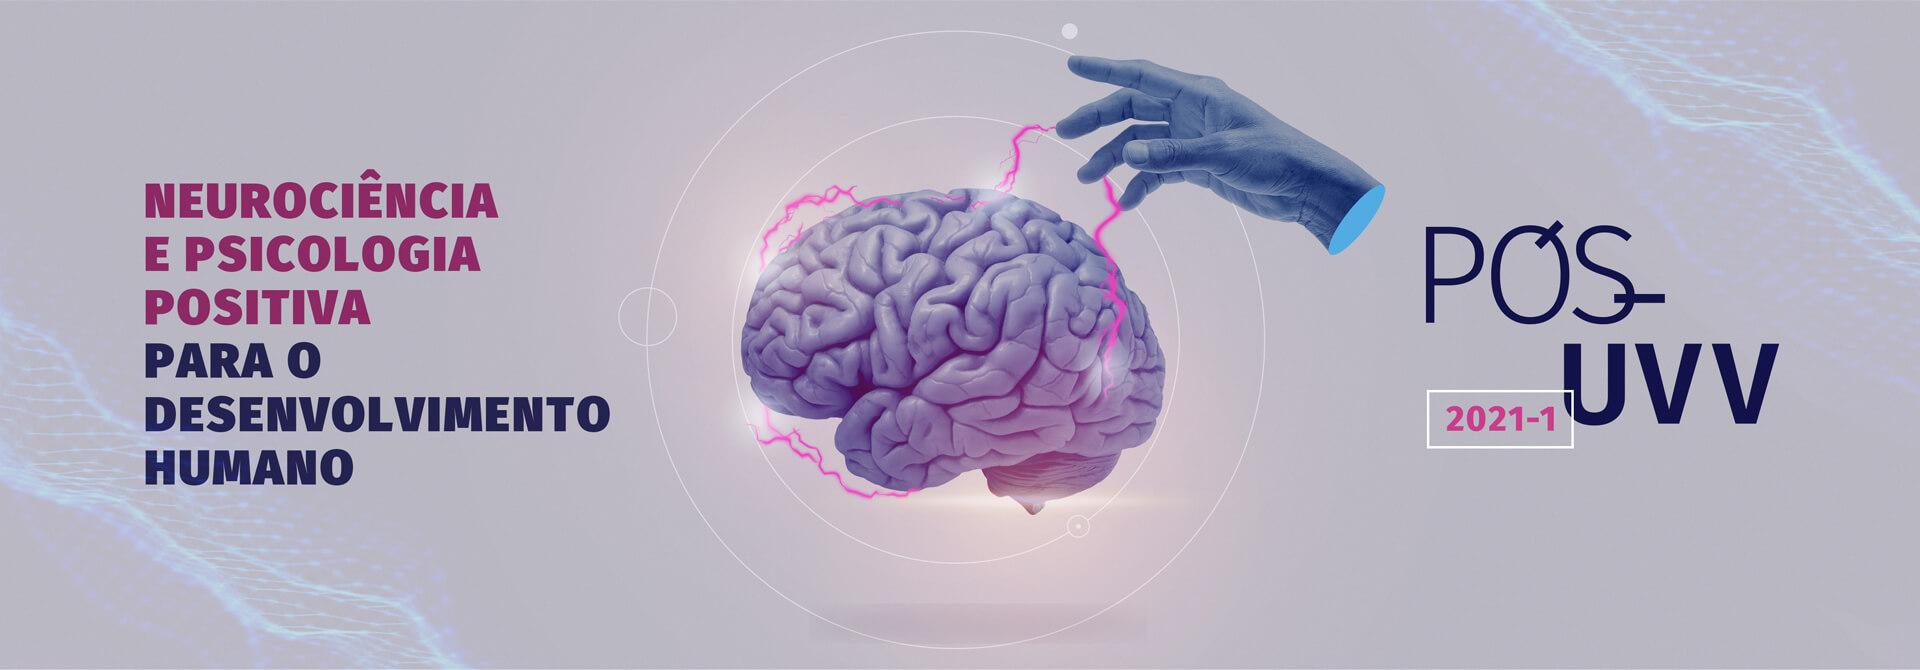 Faça Pós-Graduação em Neurociência e Psicologia Positiva para o Desenvolvimento Humano